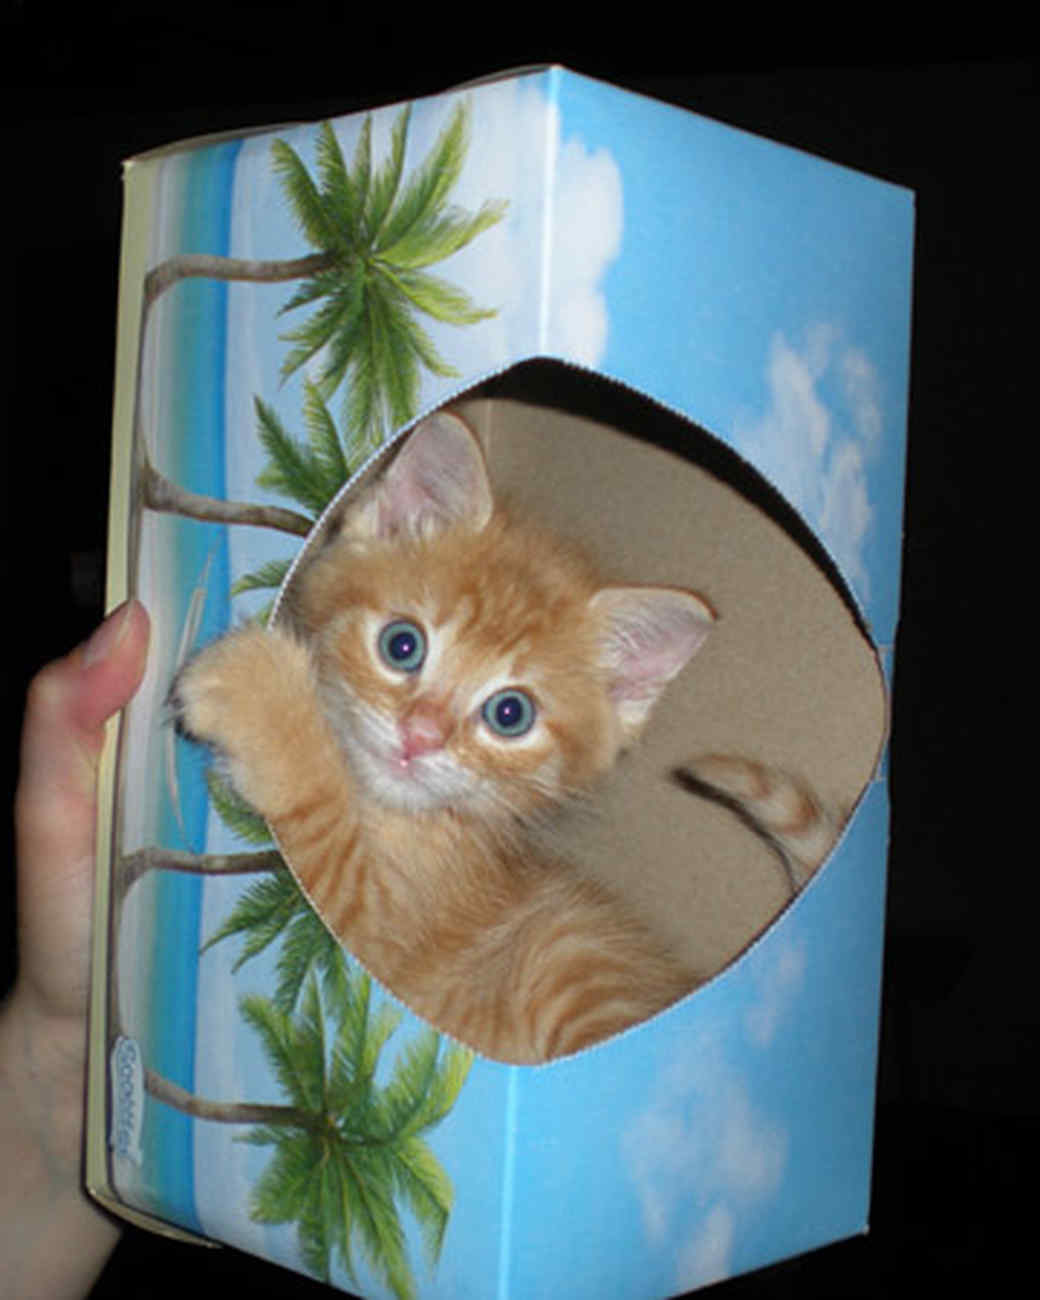 pets_kittens_0610_9497075_23524611.jpg